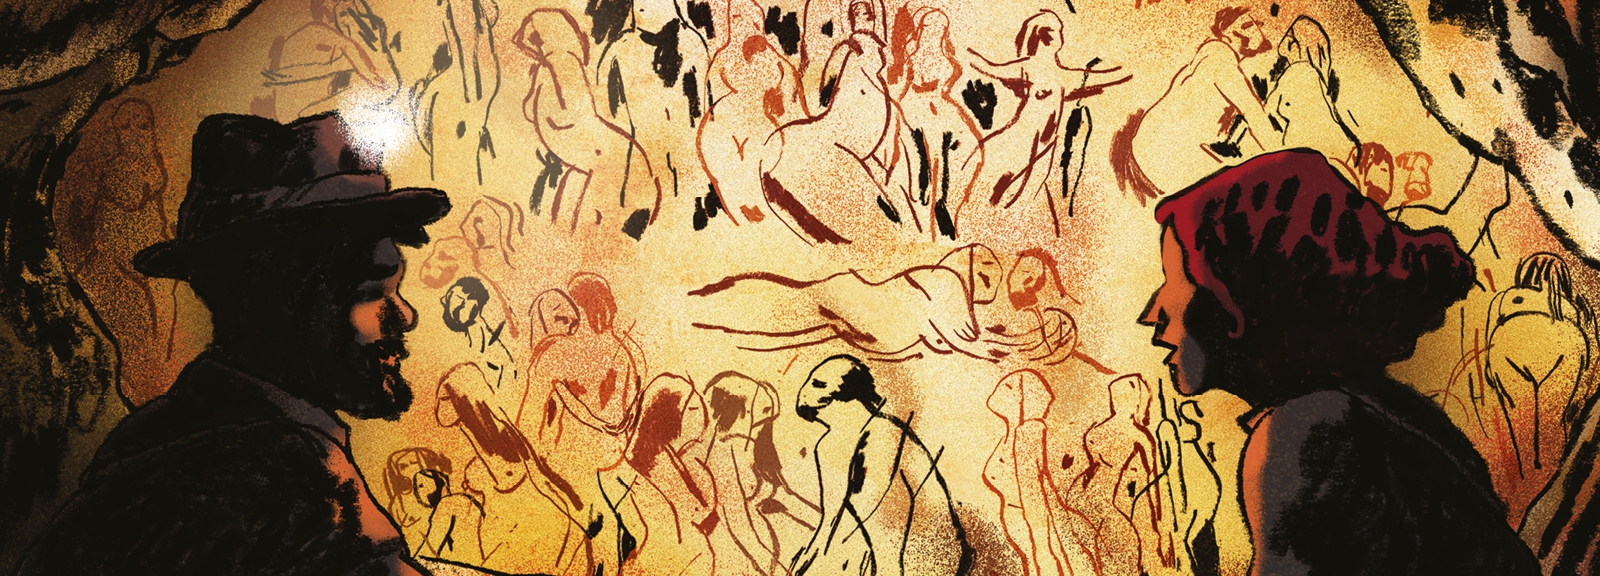 Michael Prigent, Affaire de famille © Muséum national d'Histoire naturelle / The Parisianer, 2021. Tous droits réservés.